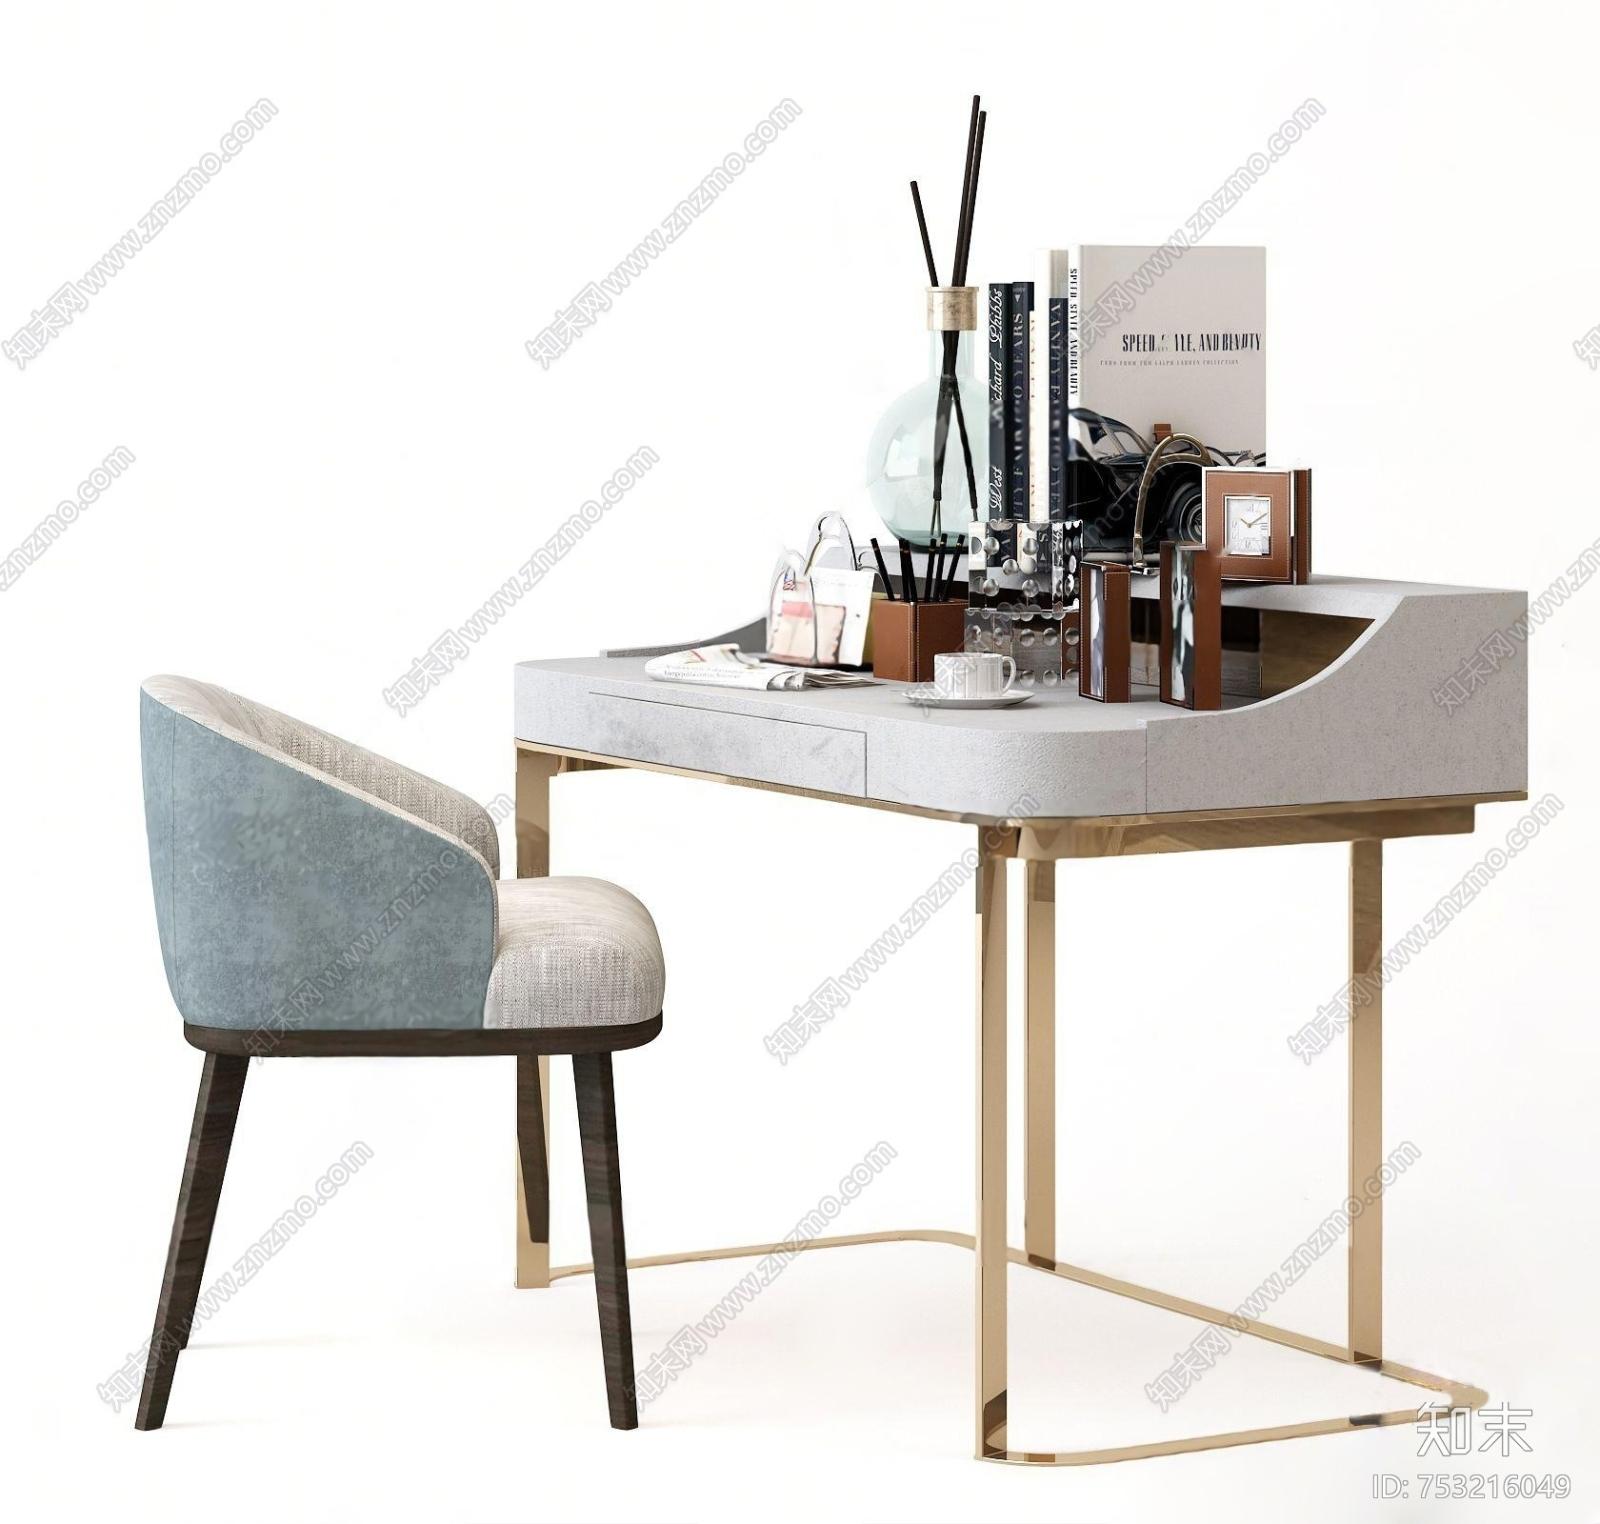 现代轻奢梳妆台3d模型